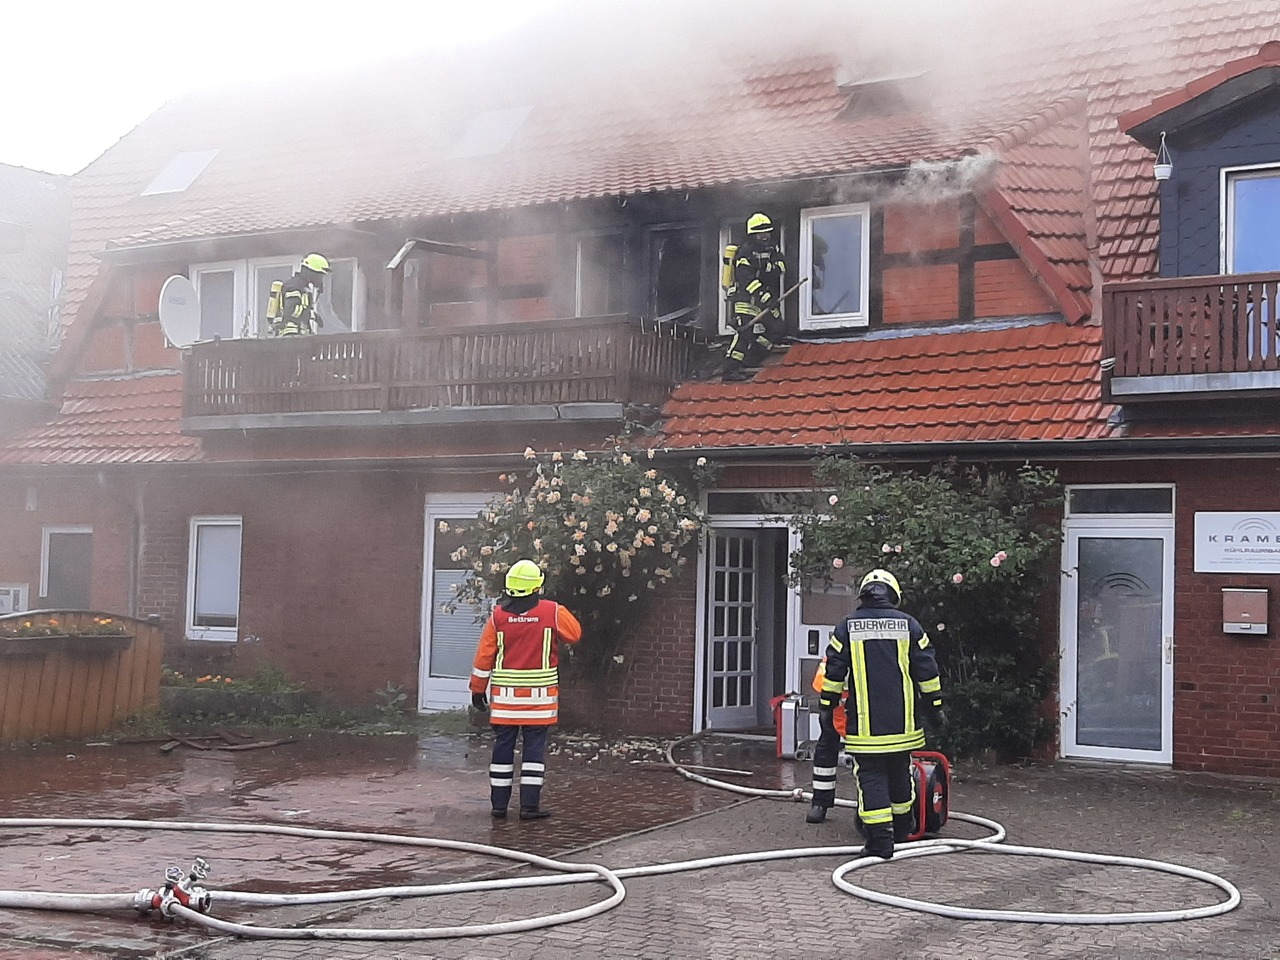 Mit einem Wohnhausbrand hatten die Einsatzkräfte von Polizei und Feuerwehr am Sonntagmorgen in Sottrum zu tun.